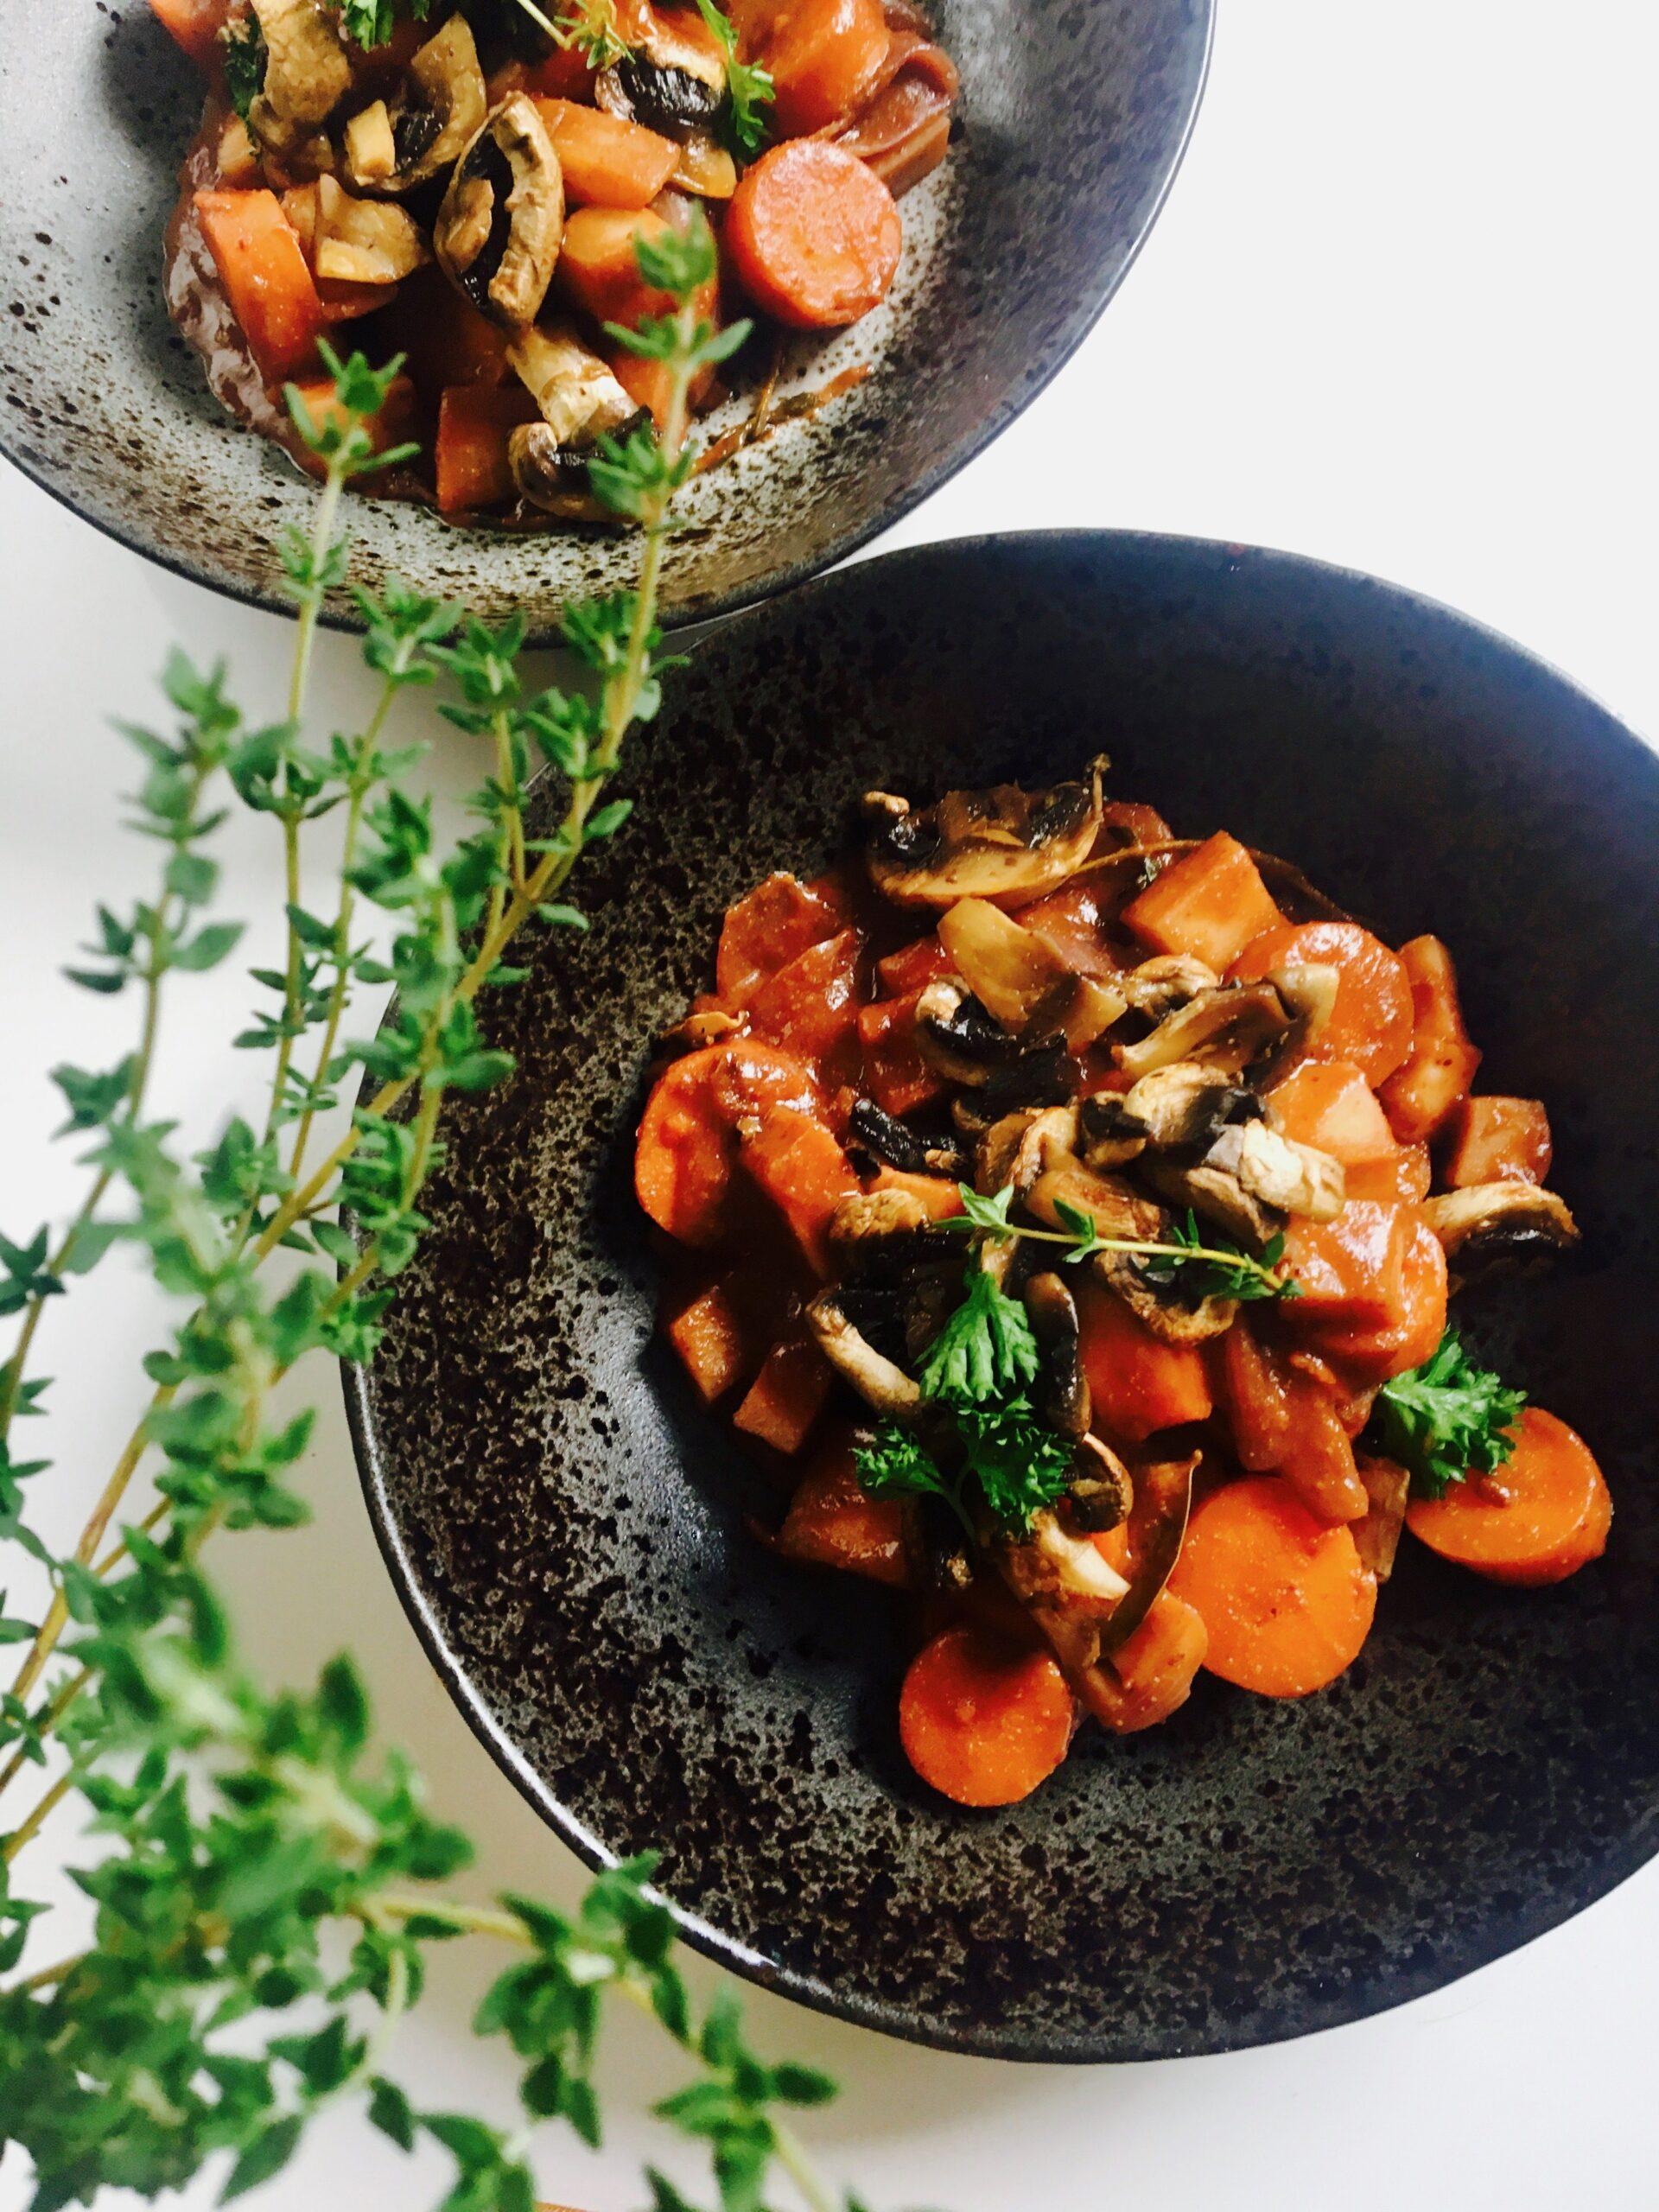 vegetarische bourguignon, yoga food, vegetarisch recept, makkelijk gezond recept vegetarisch, glutenvrije bourguignon recept